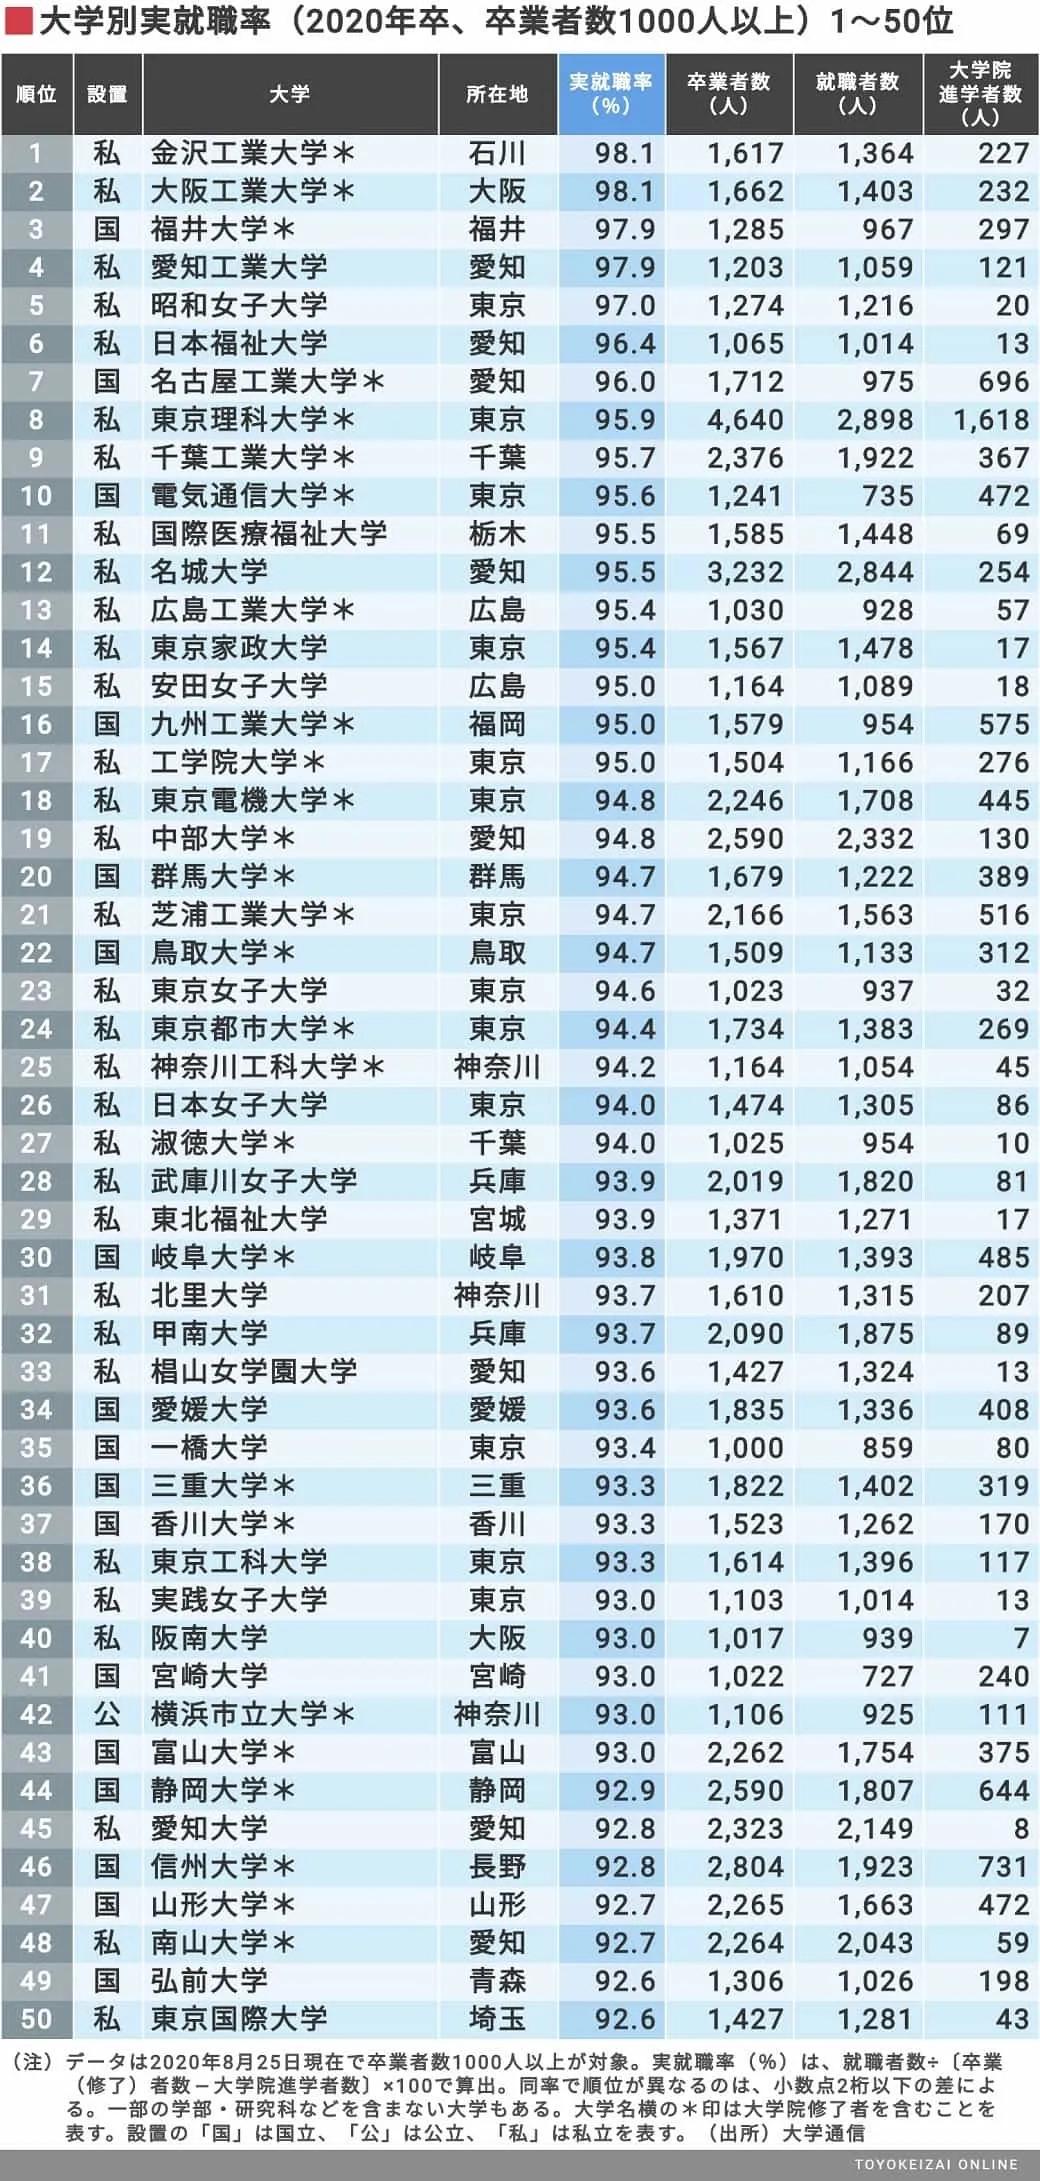 2020日本大学毕业生就业率排行榜